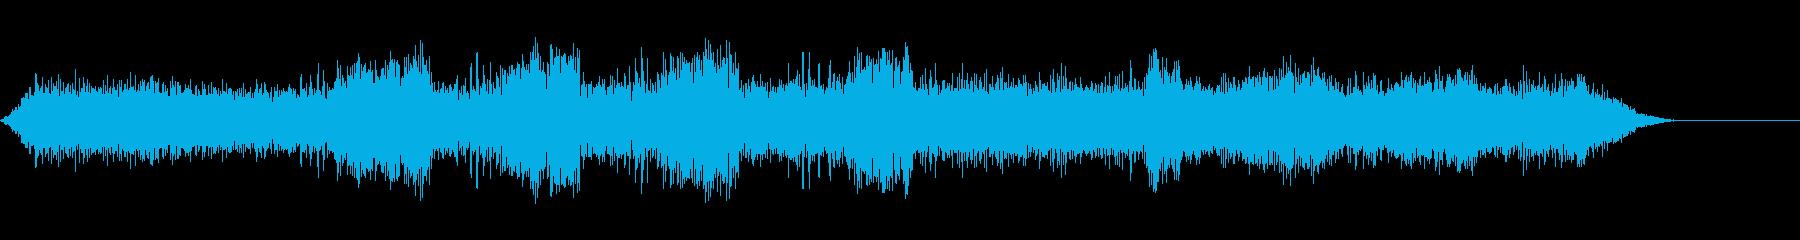 セミクリケット-昆虫-クロの再生済みの波形